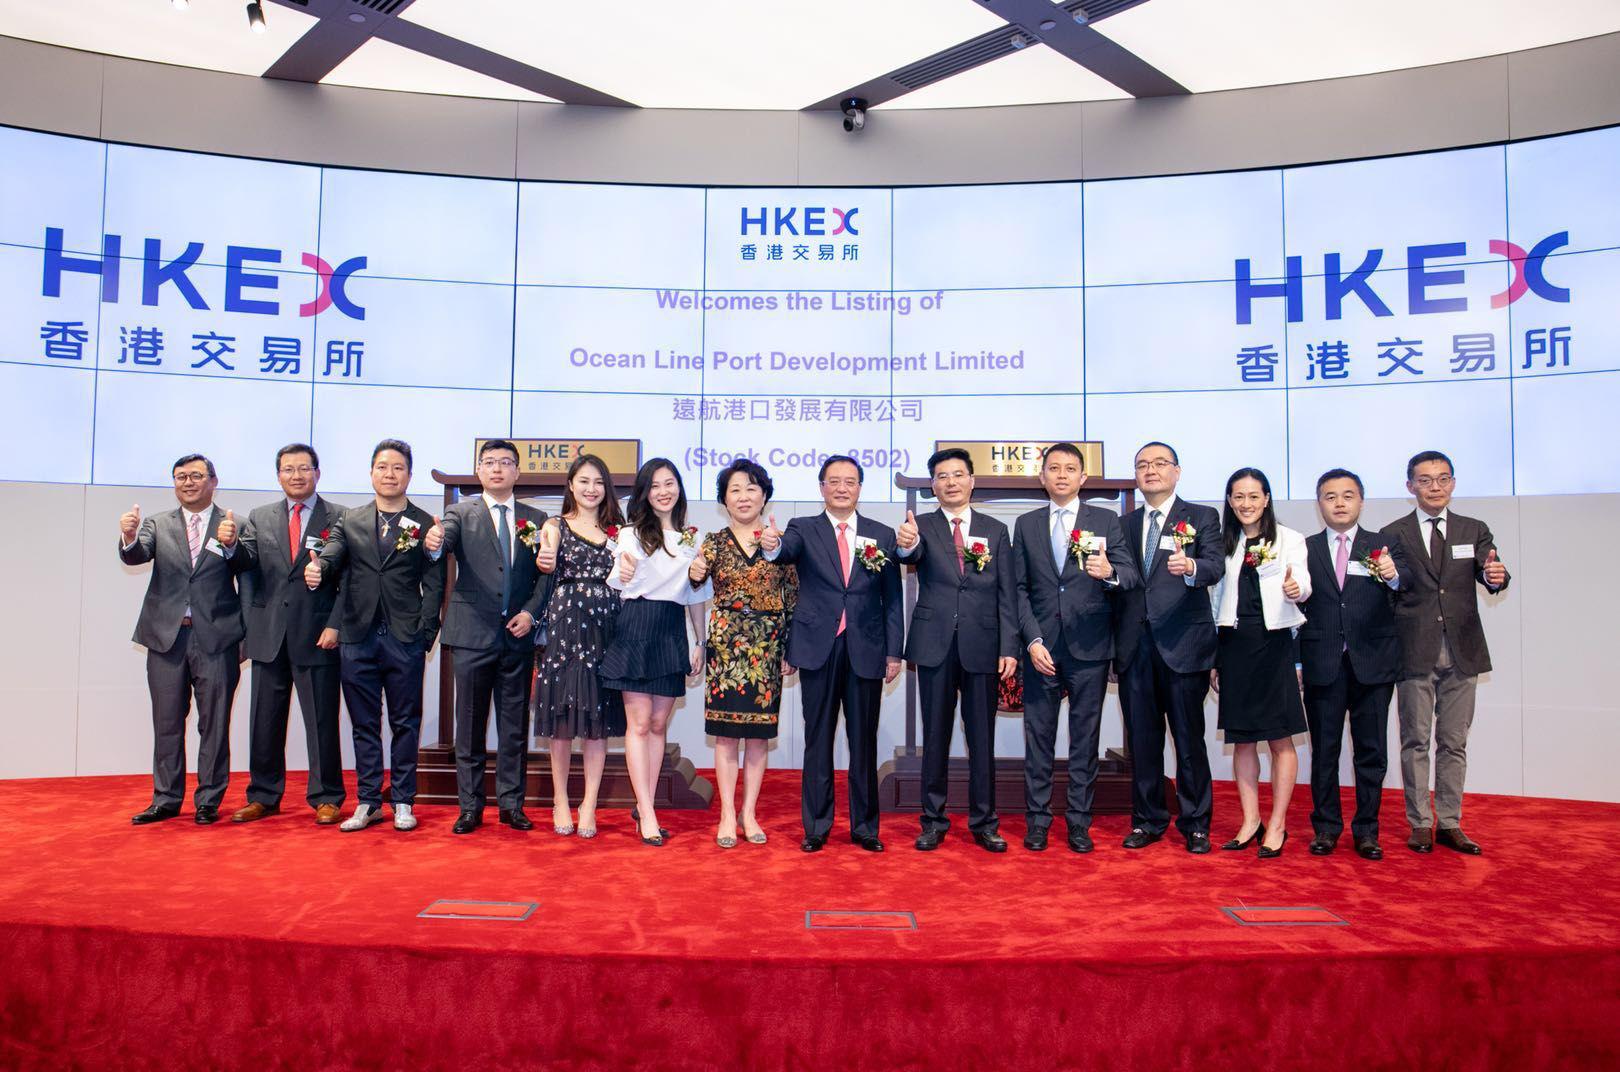 2018年7月10日,公司成功在香港交易所上市,敲開了池州港通往國際資本市場的大門,也開啟了池州港發展的嶄新里程。